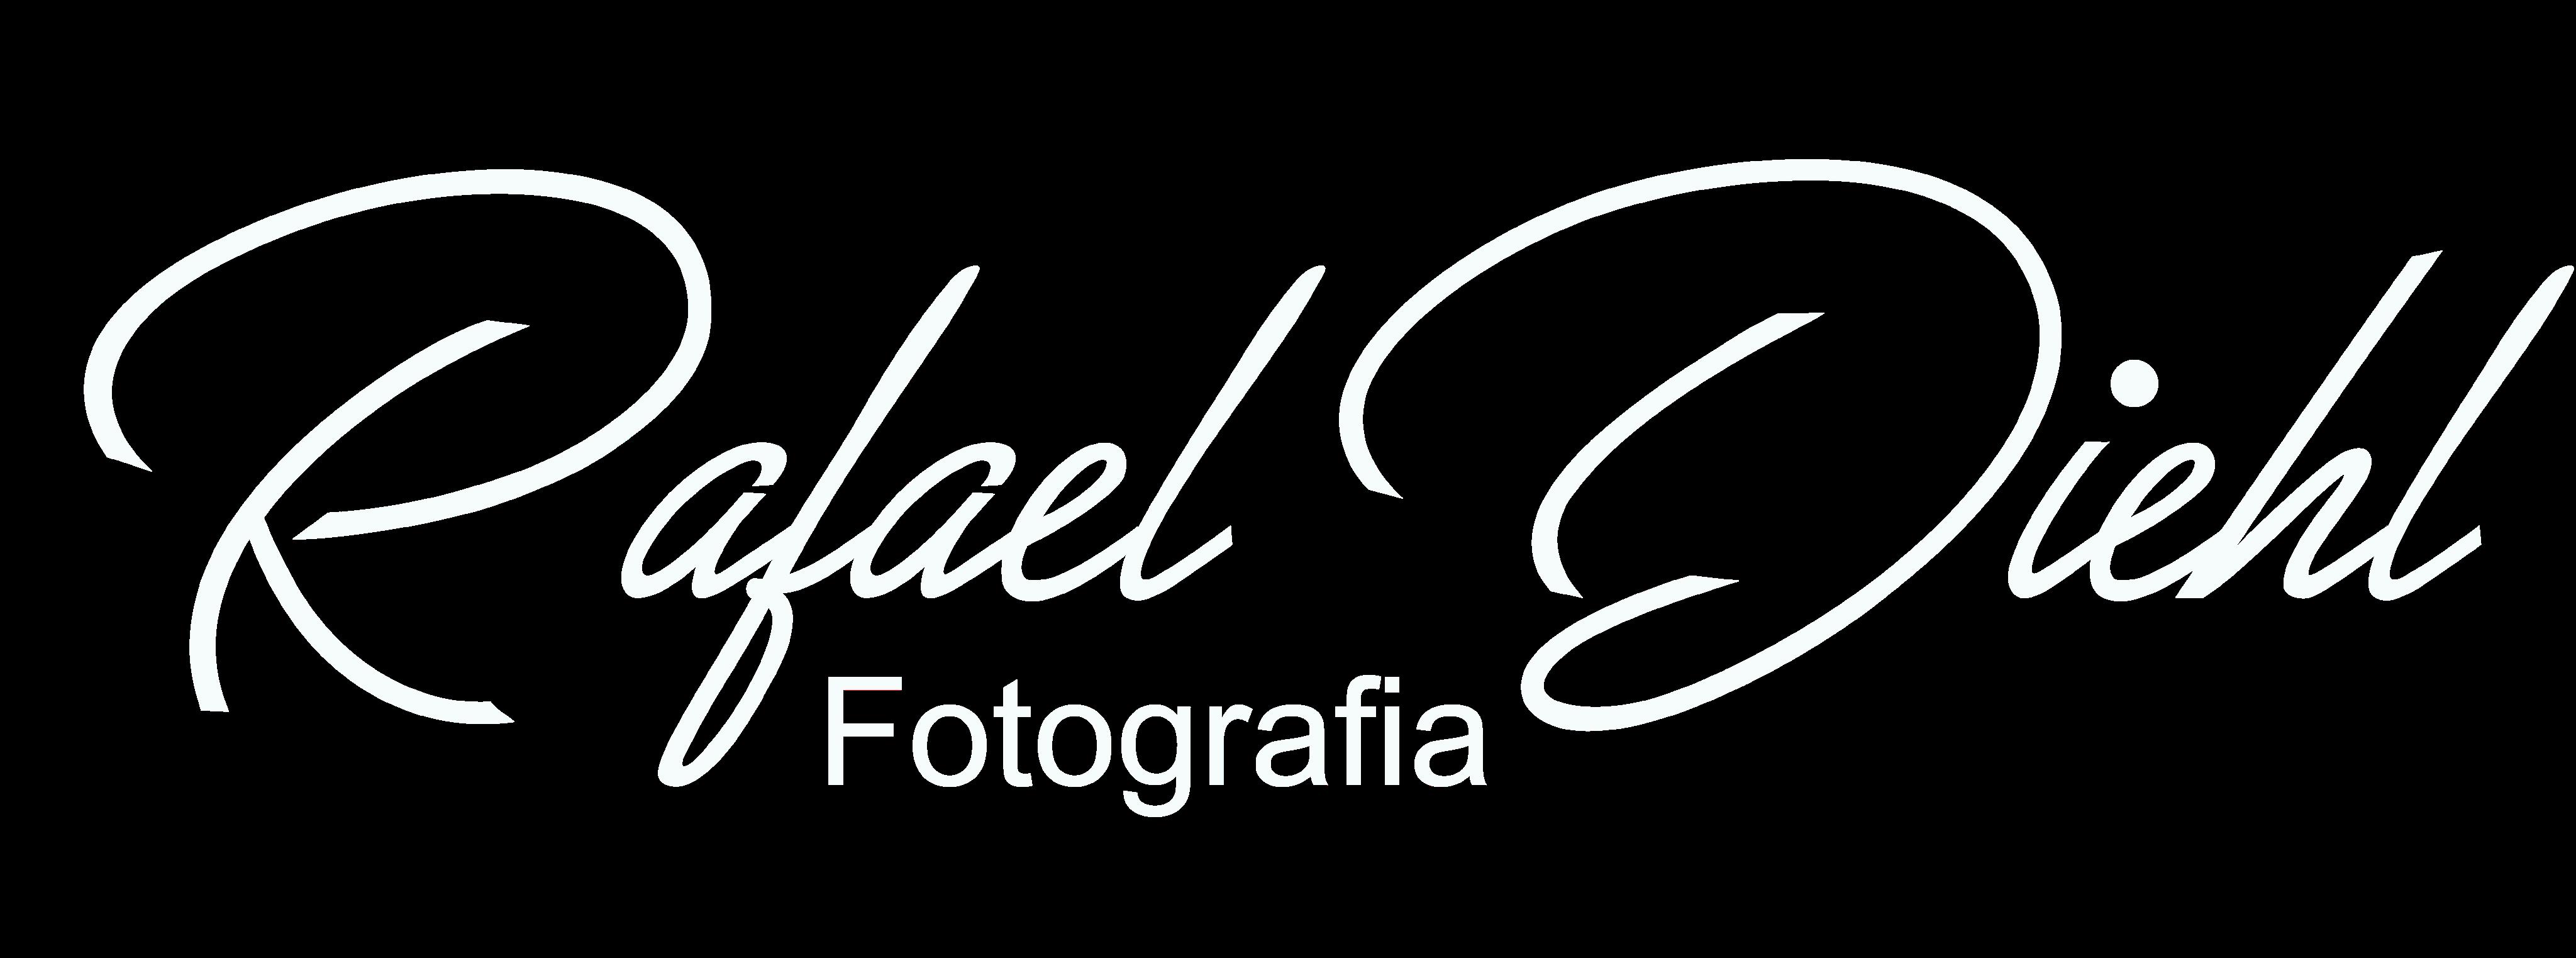 Rafael Diehl